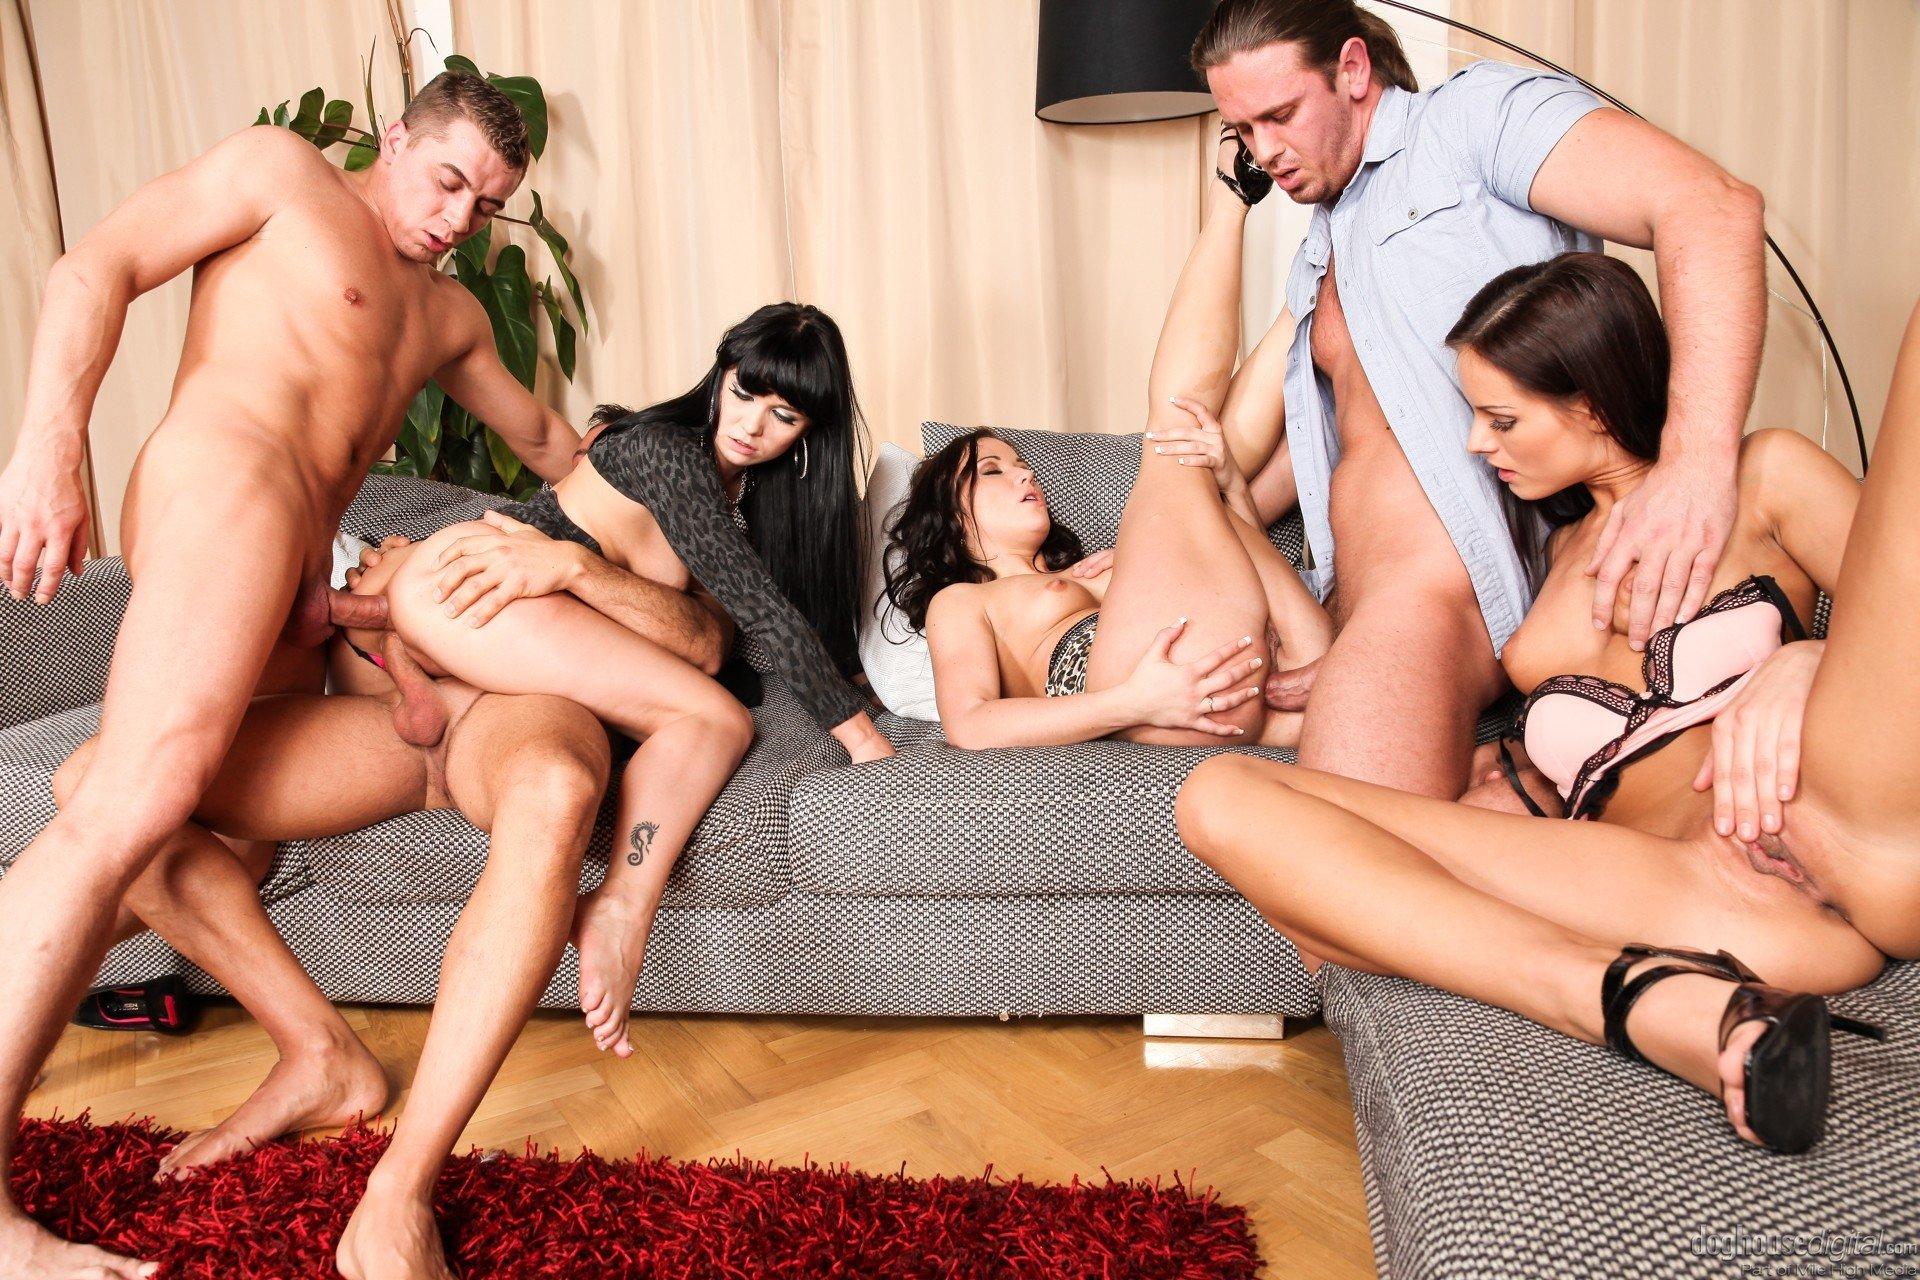 Смотреть Новое Групповое Порно Бесплатно